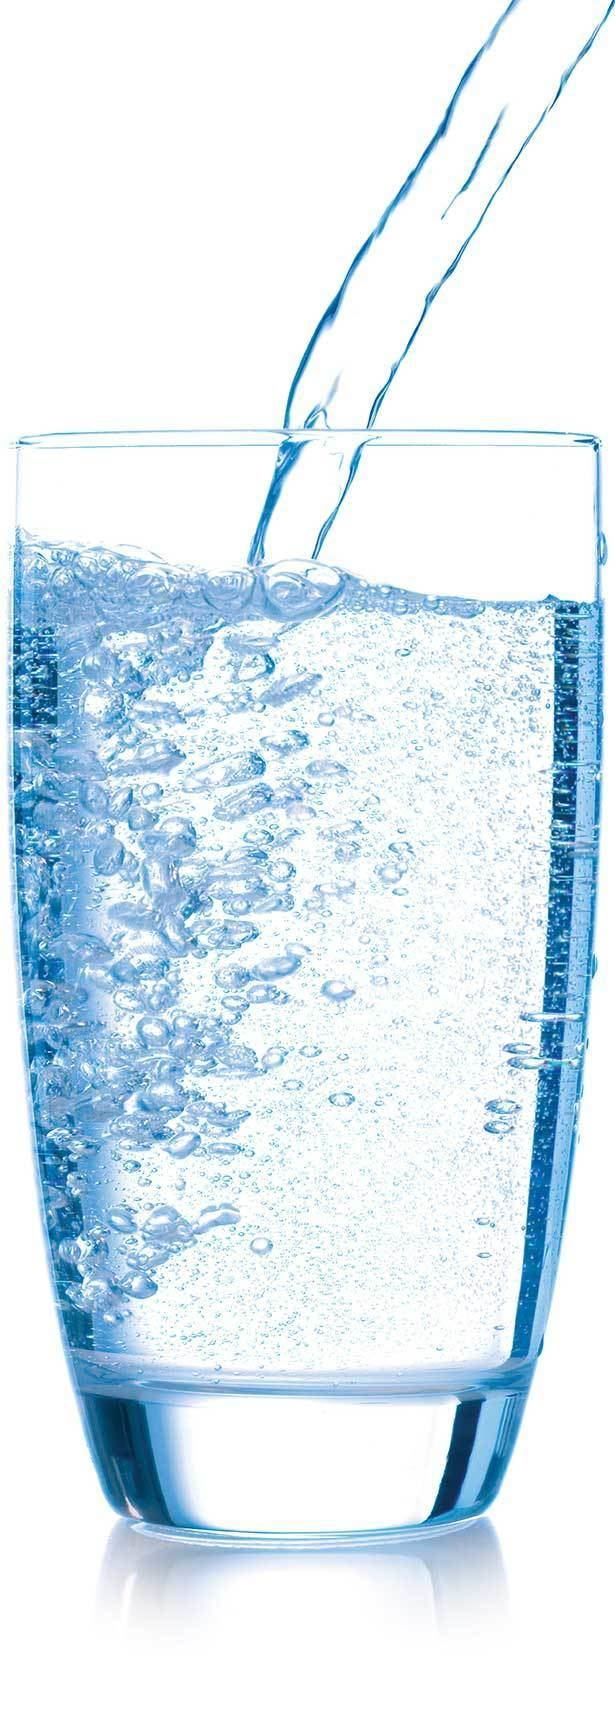 Water clearwaterglassjpg